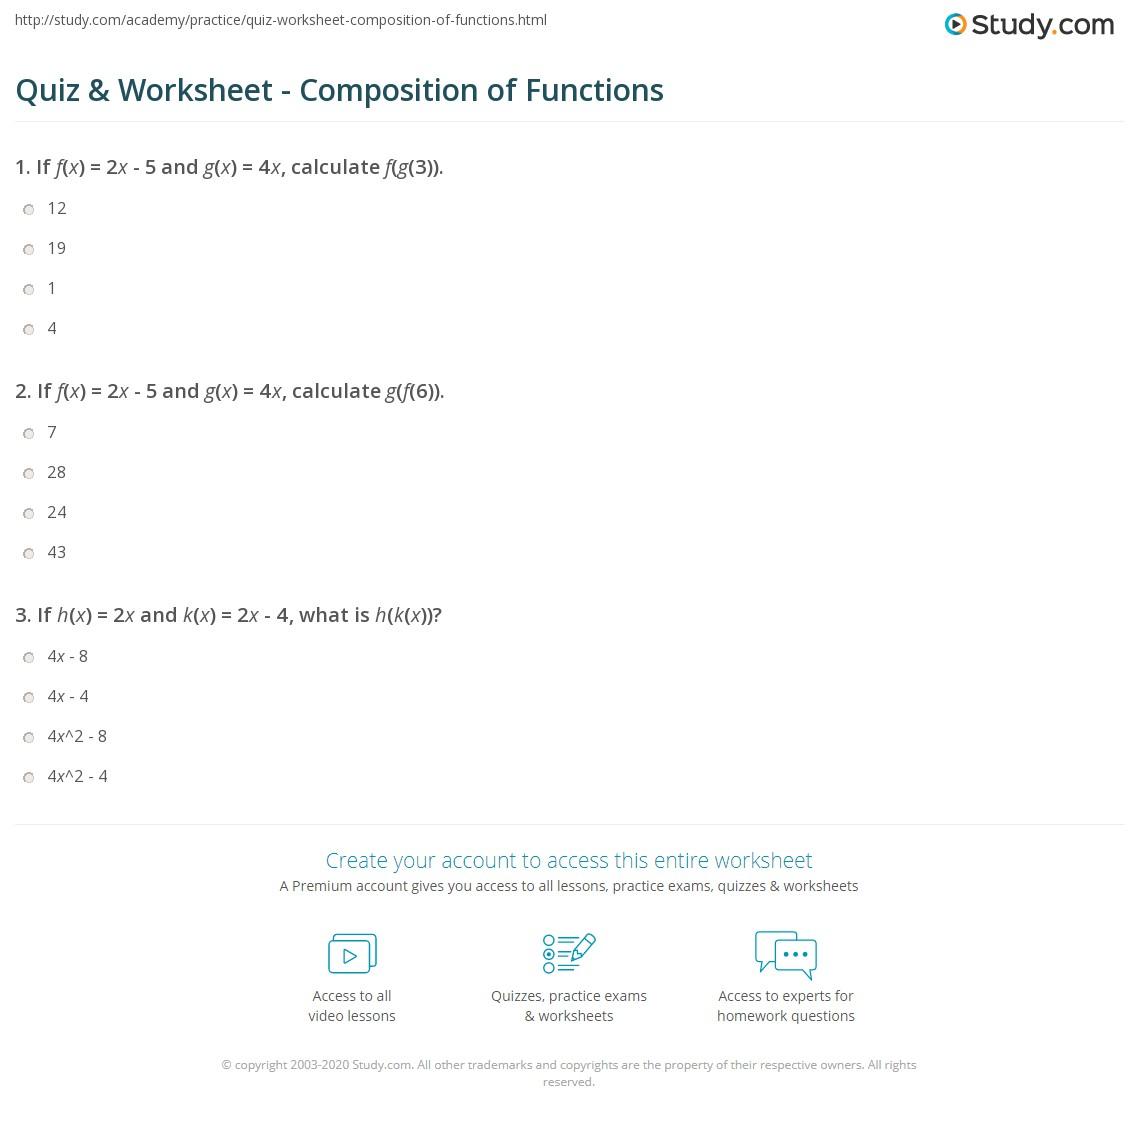 Quiz W Ksheet Positi Of Functi S Study